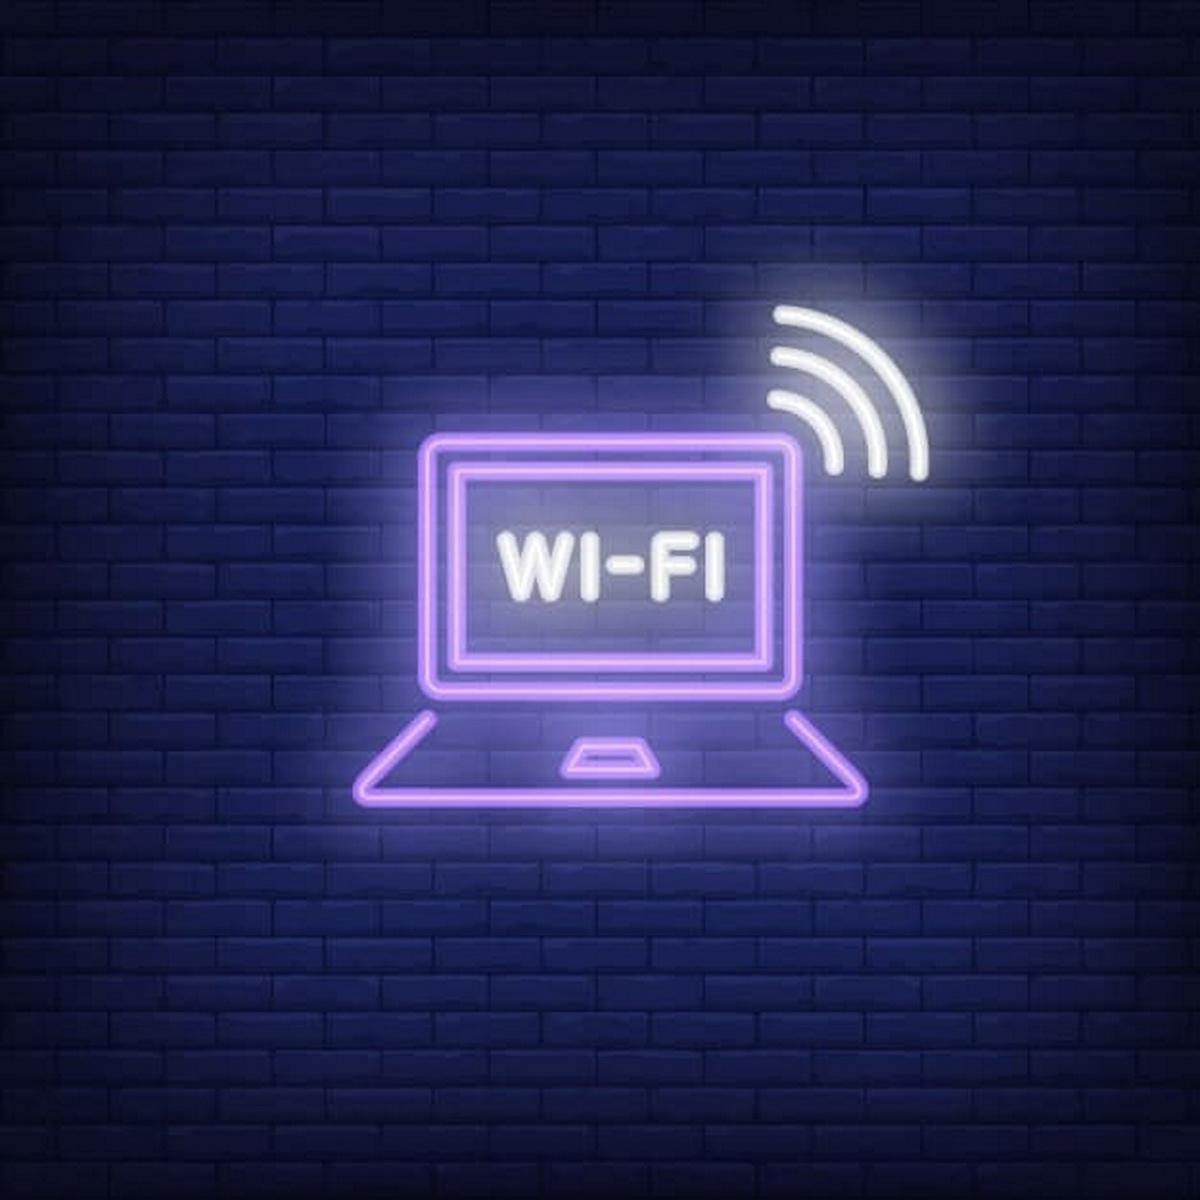 Что делать, если устройства не подключаются к Wi-Fi-роутеру: 5 советов